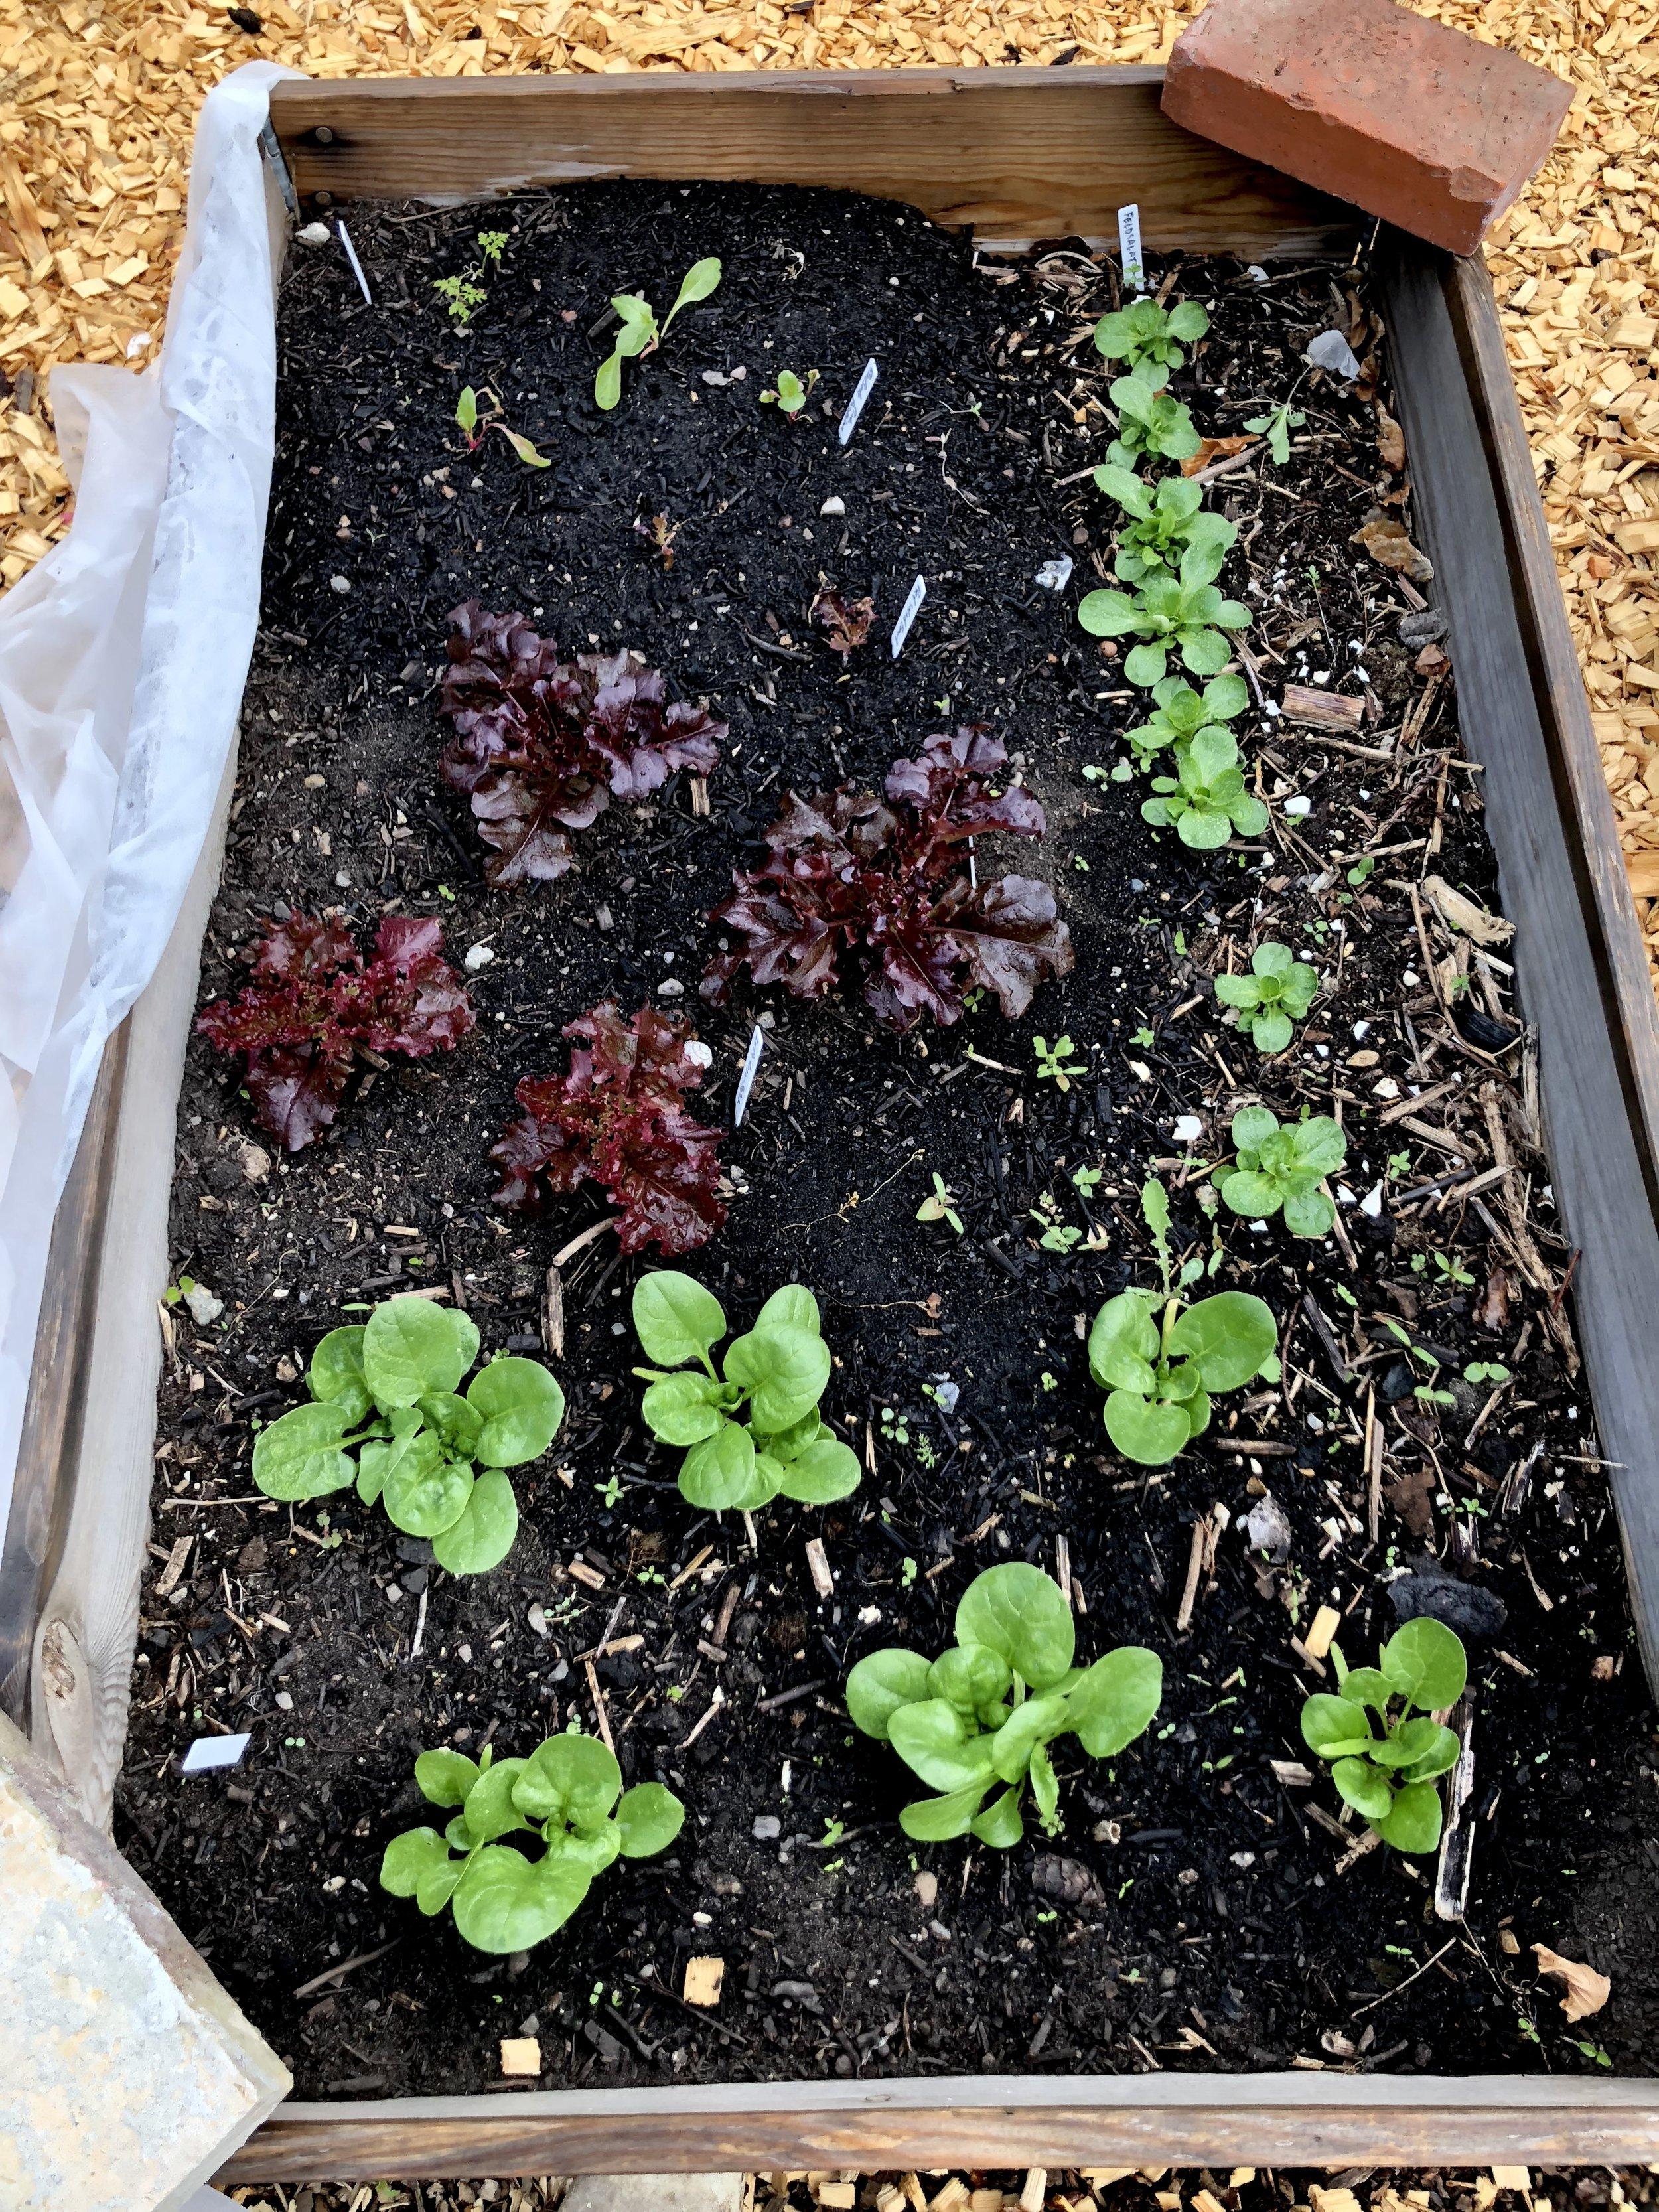 Her er salatbedet: Spinat, salat 'Red Salad Bowl' og 'Lollo Rosa' og til højre feldsalat. Bagest er bl.a. bladbeder på vej.